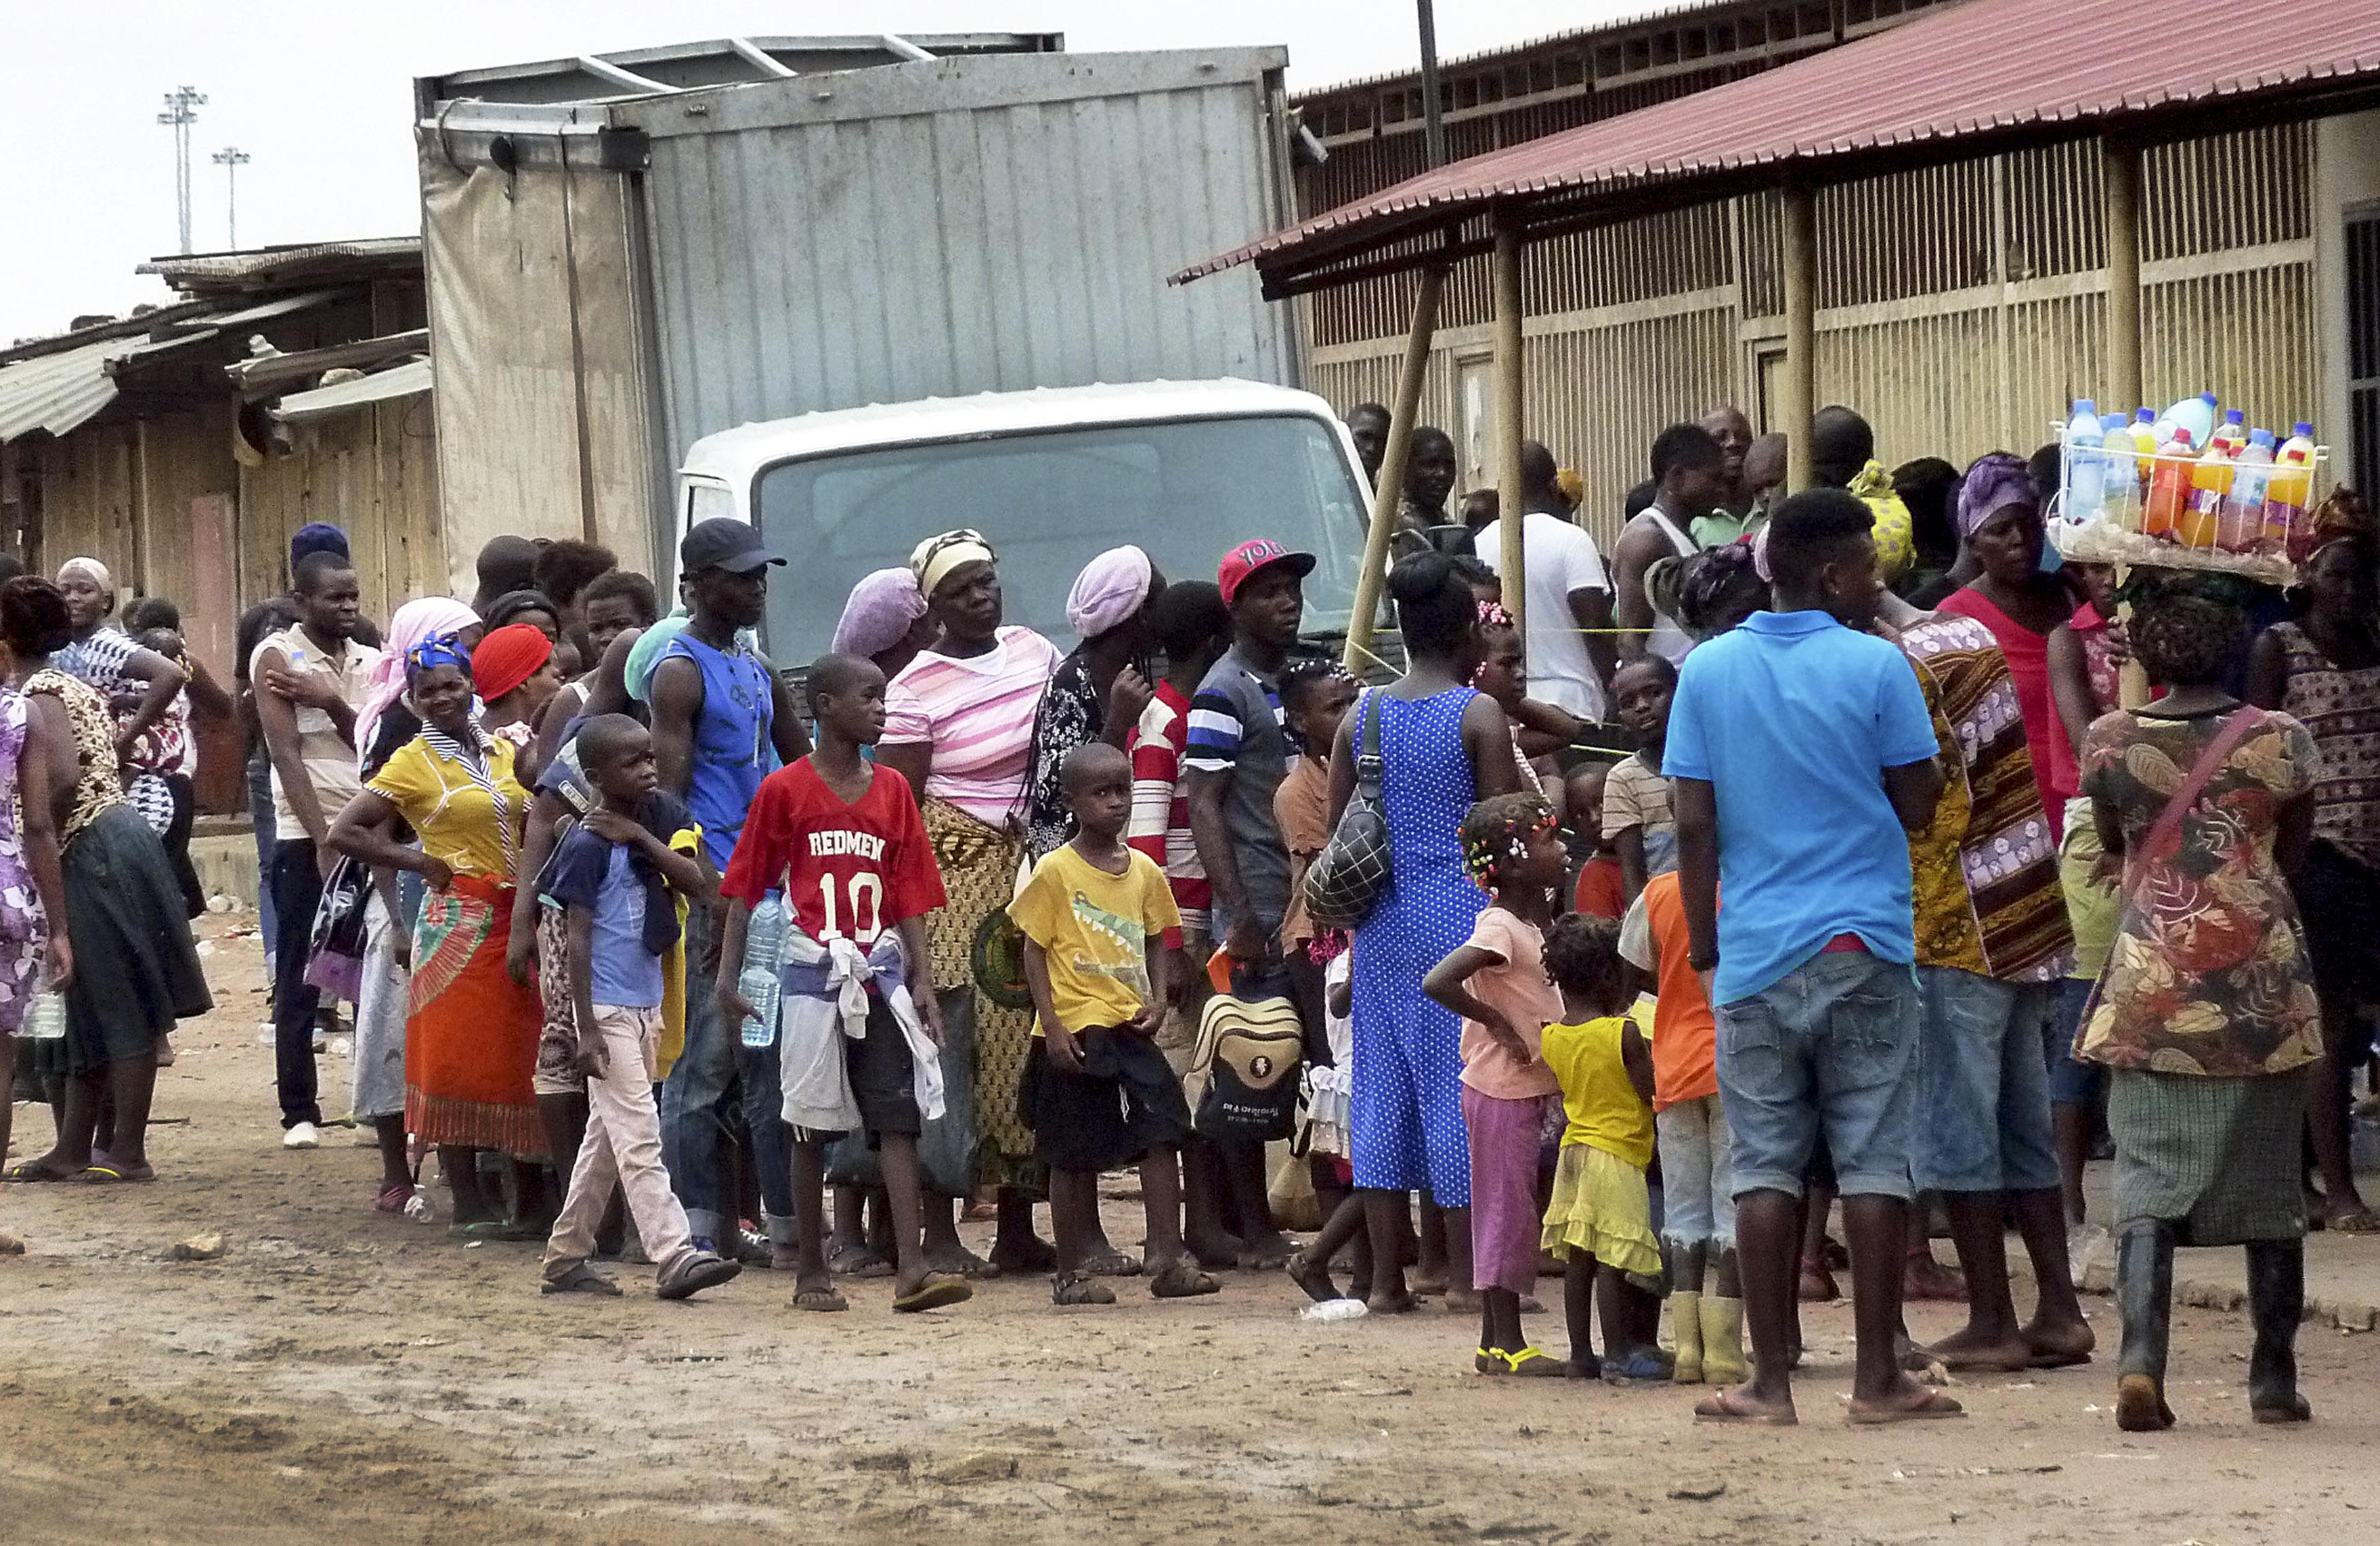 Angola reconhece que falta ainda muito trabalho para melhorar Índice Desenvolvimento Humano